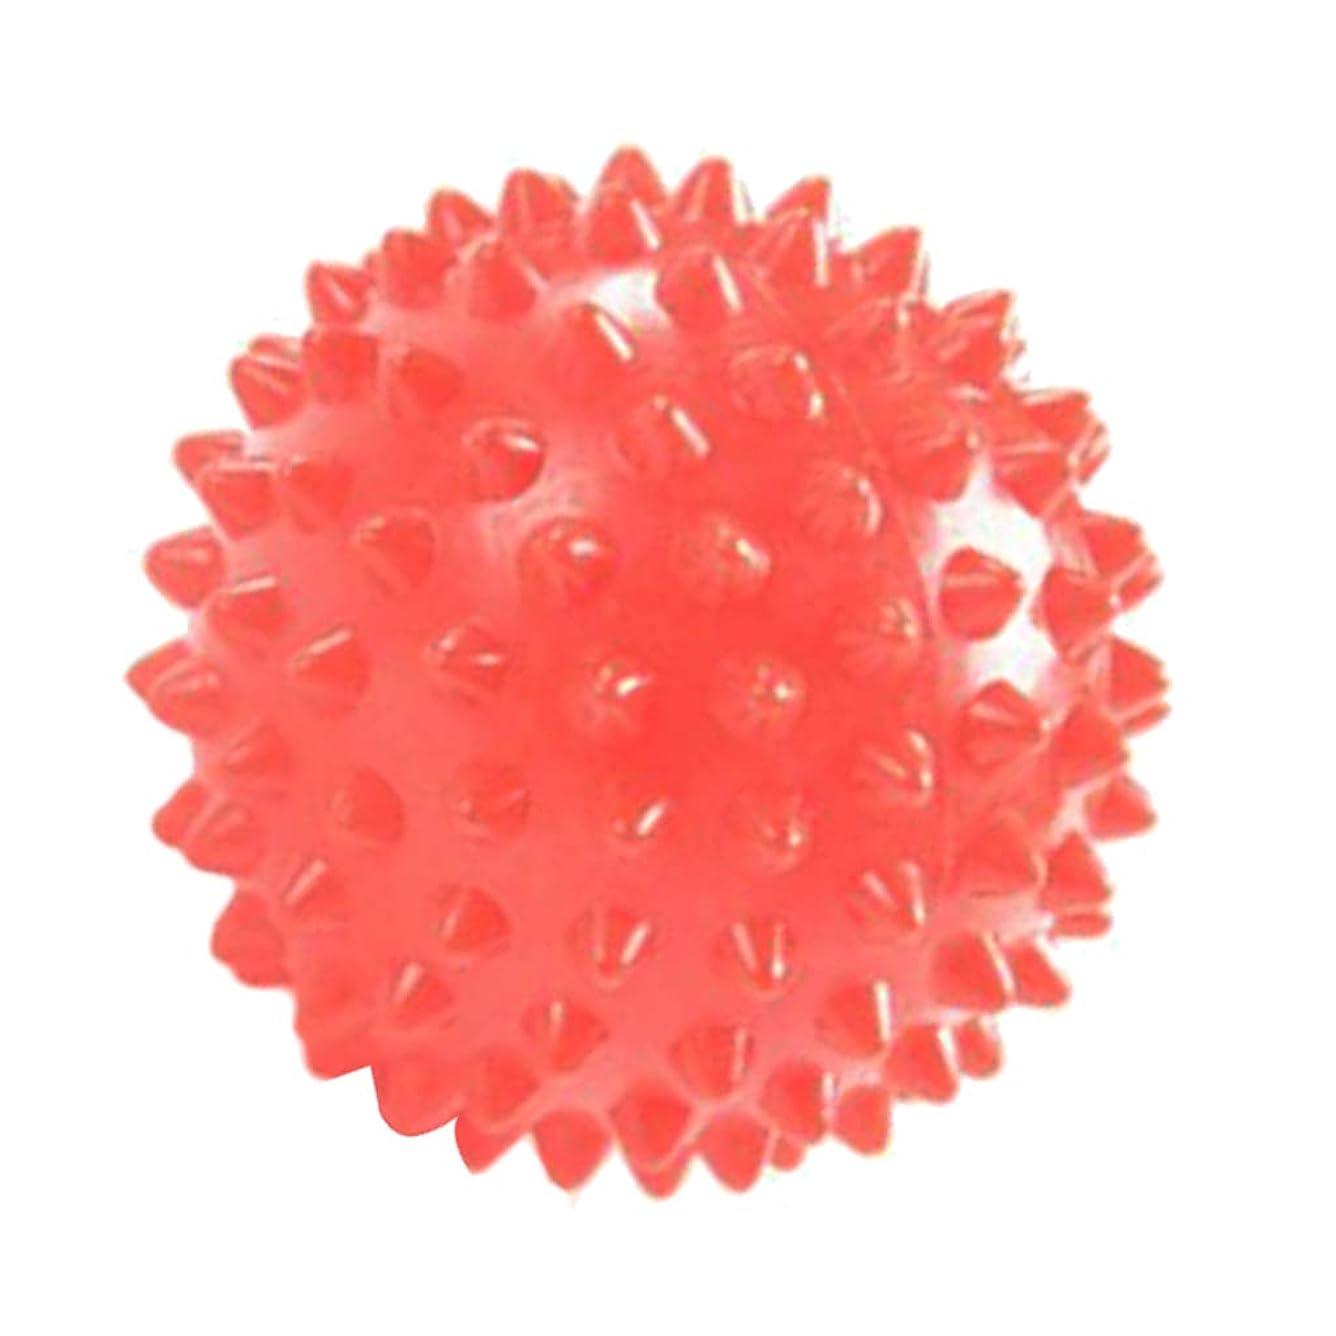 メカニック可愛い群がるD DOLITY マッサージローラー マッサージボール 触覚ボール リハビリ ヨガ練習 7cm オレンジ